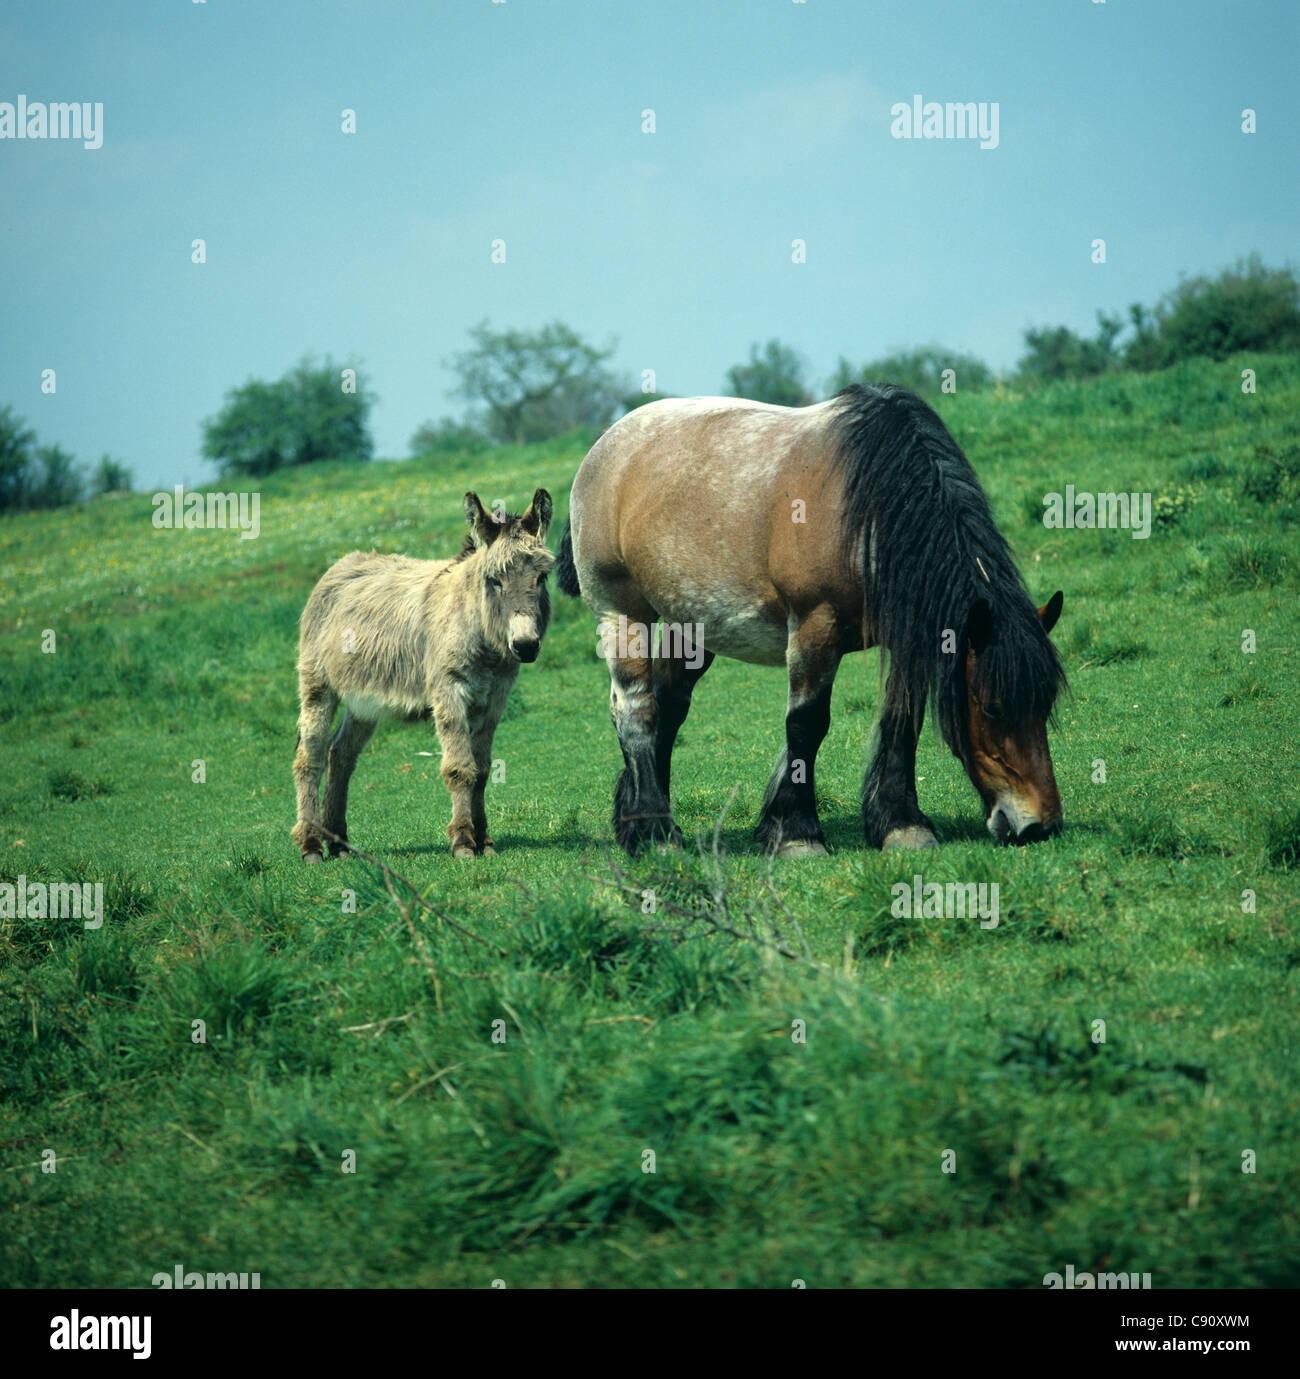 Un burro con su compañero carthorse en un campo Imagen De Stock